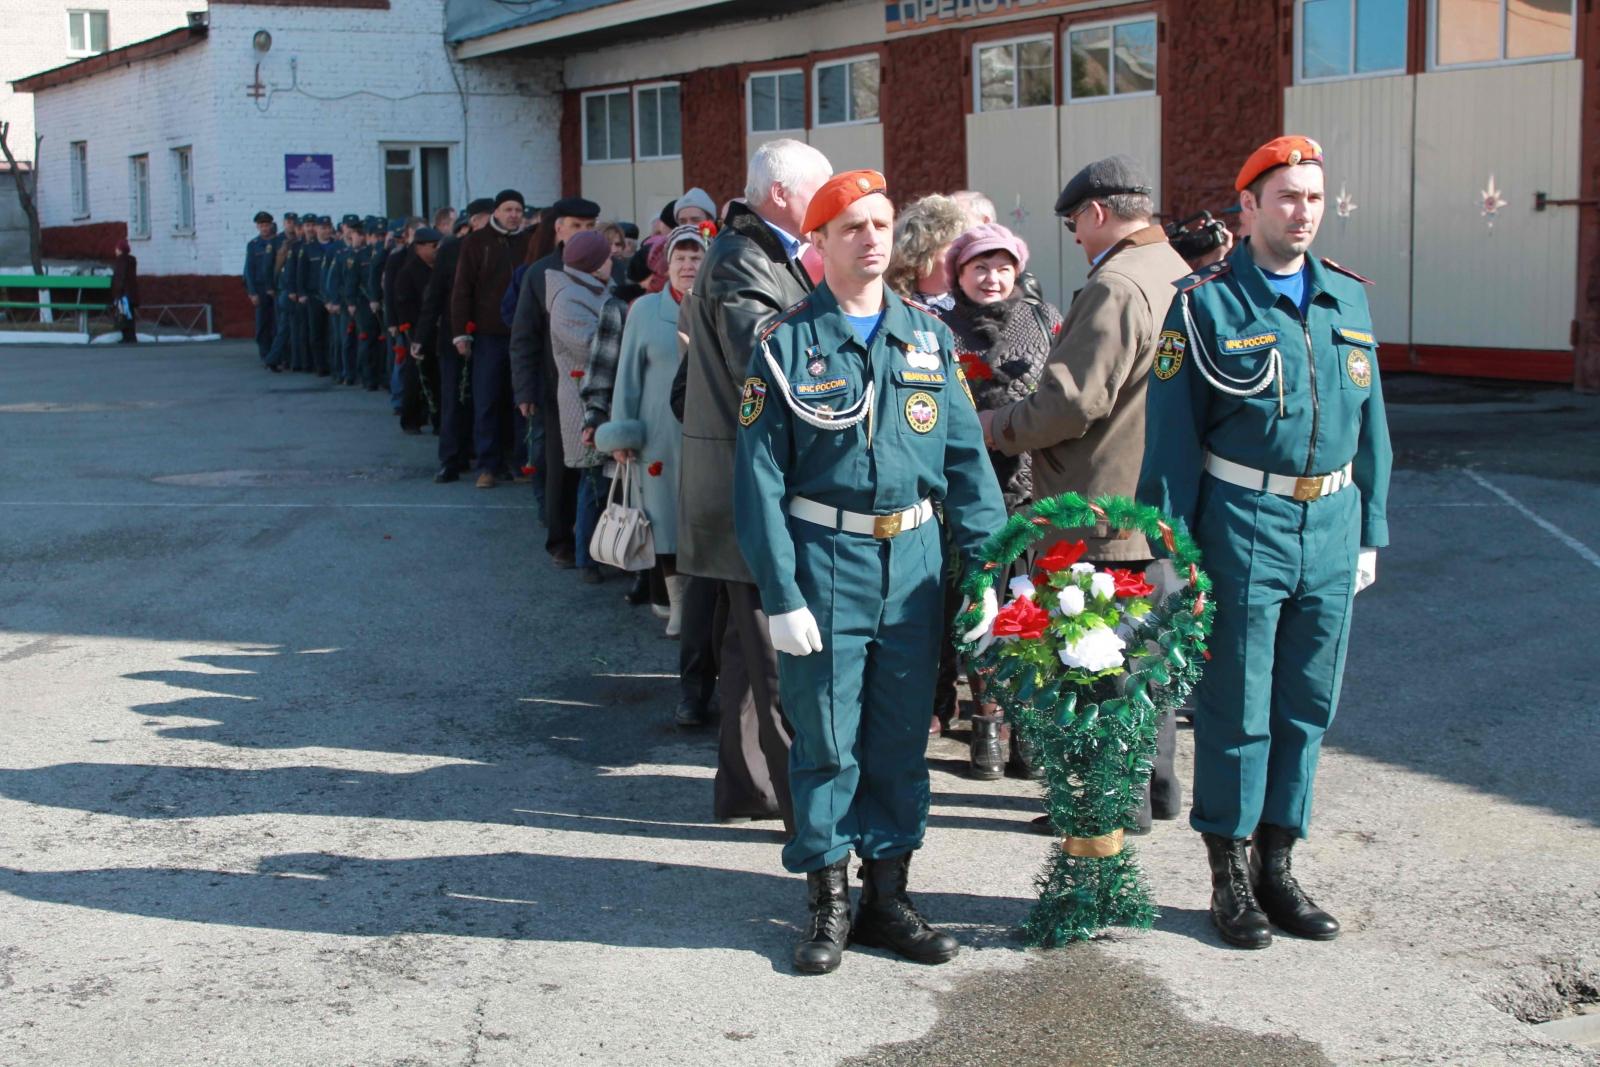 Томичи почтили память пожарных, погибших при исполнении служебного долга, 17 апреля 2015 года